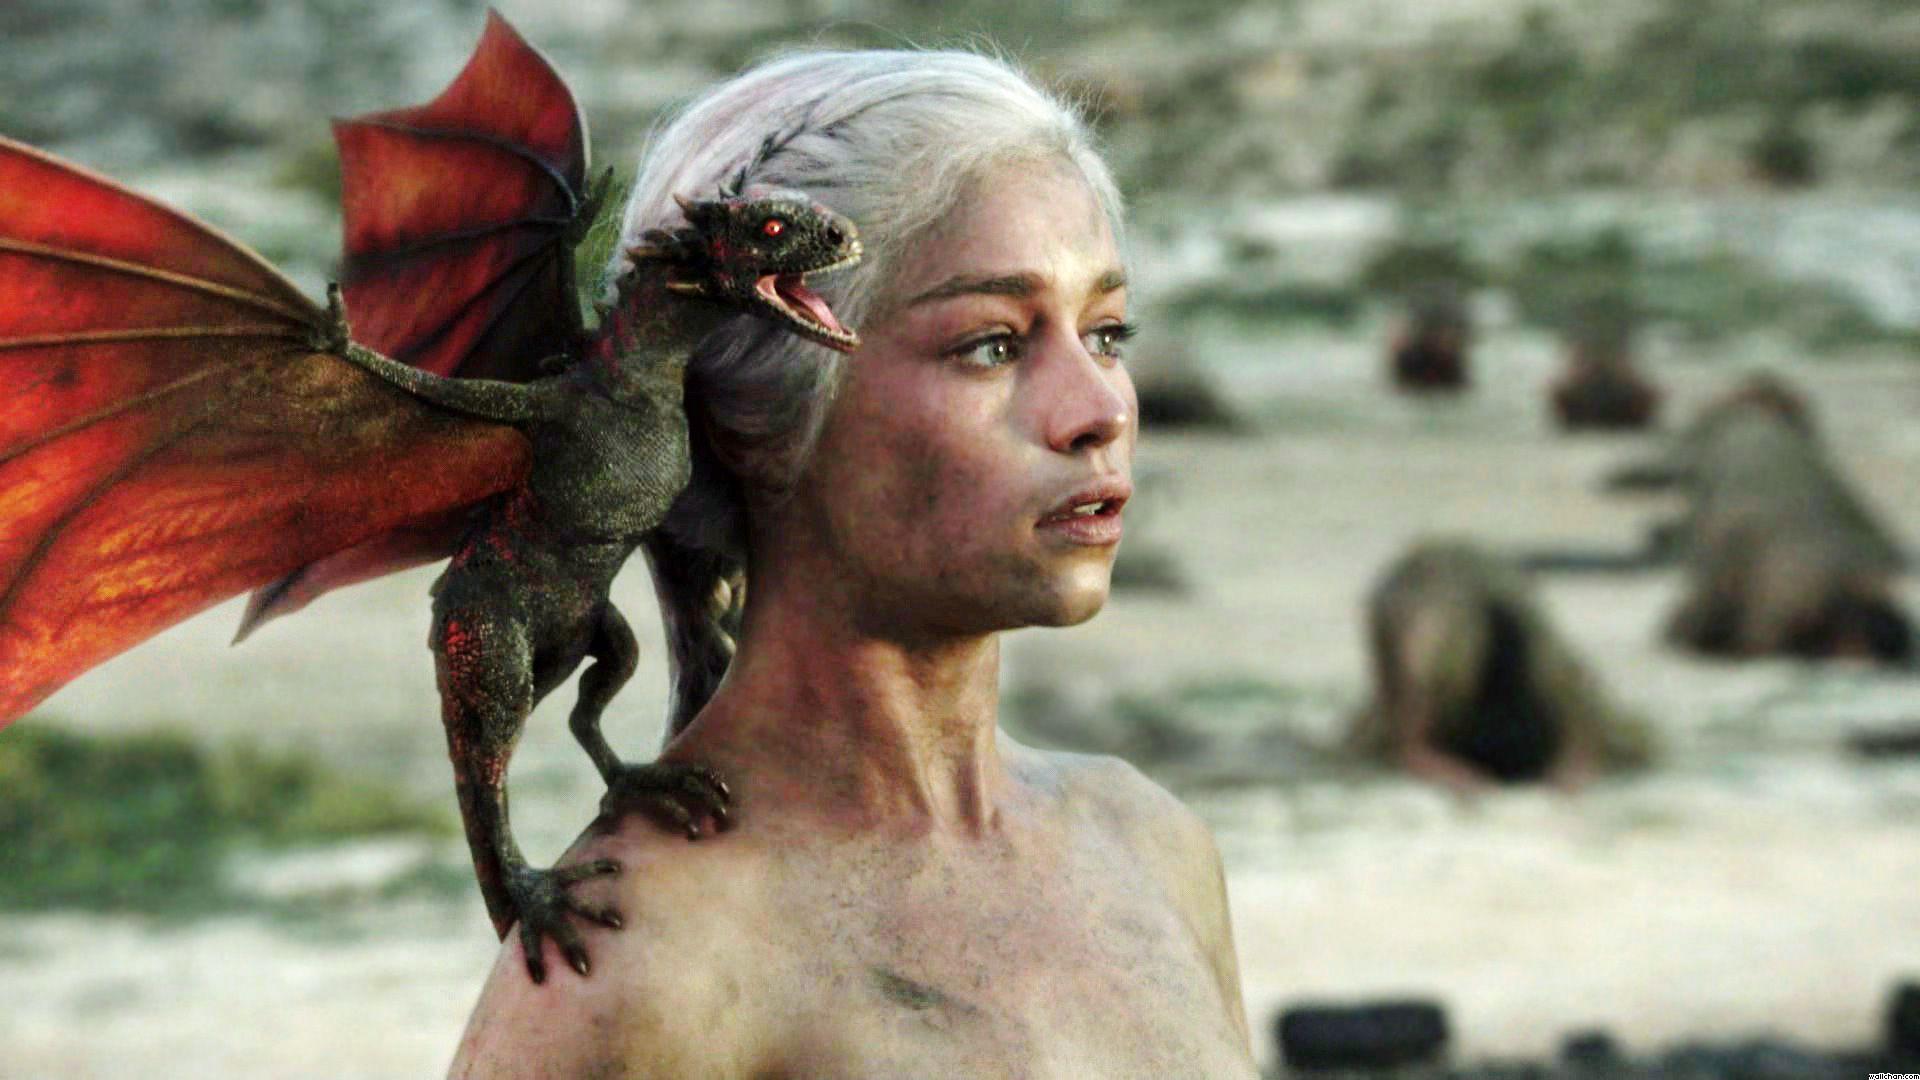 Dragon Girl Game Of Thrones Wallpaper Ubuntu Free